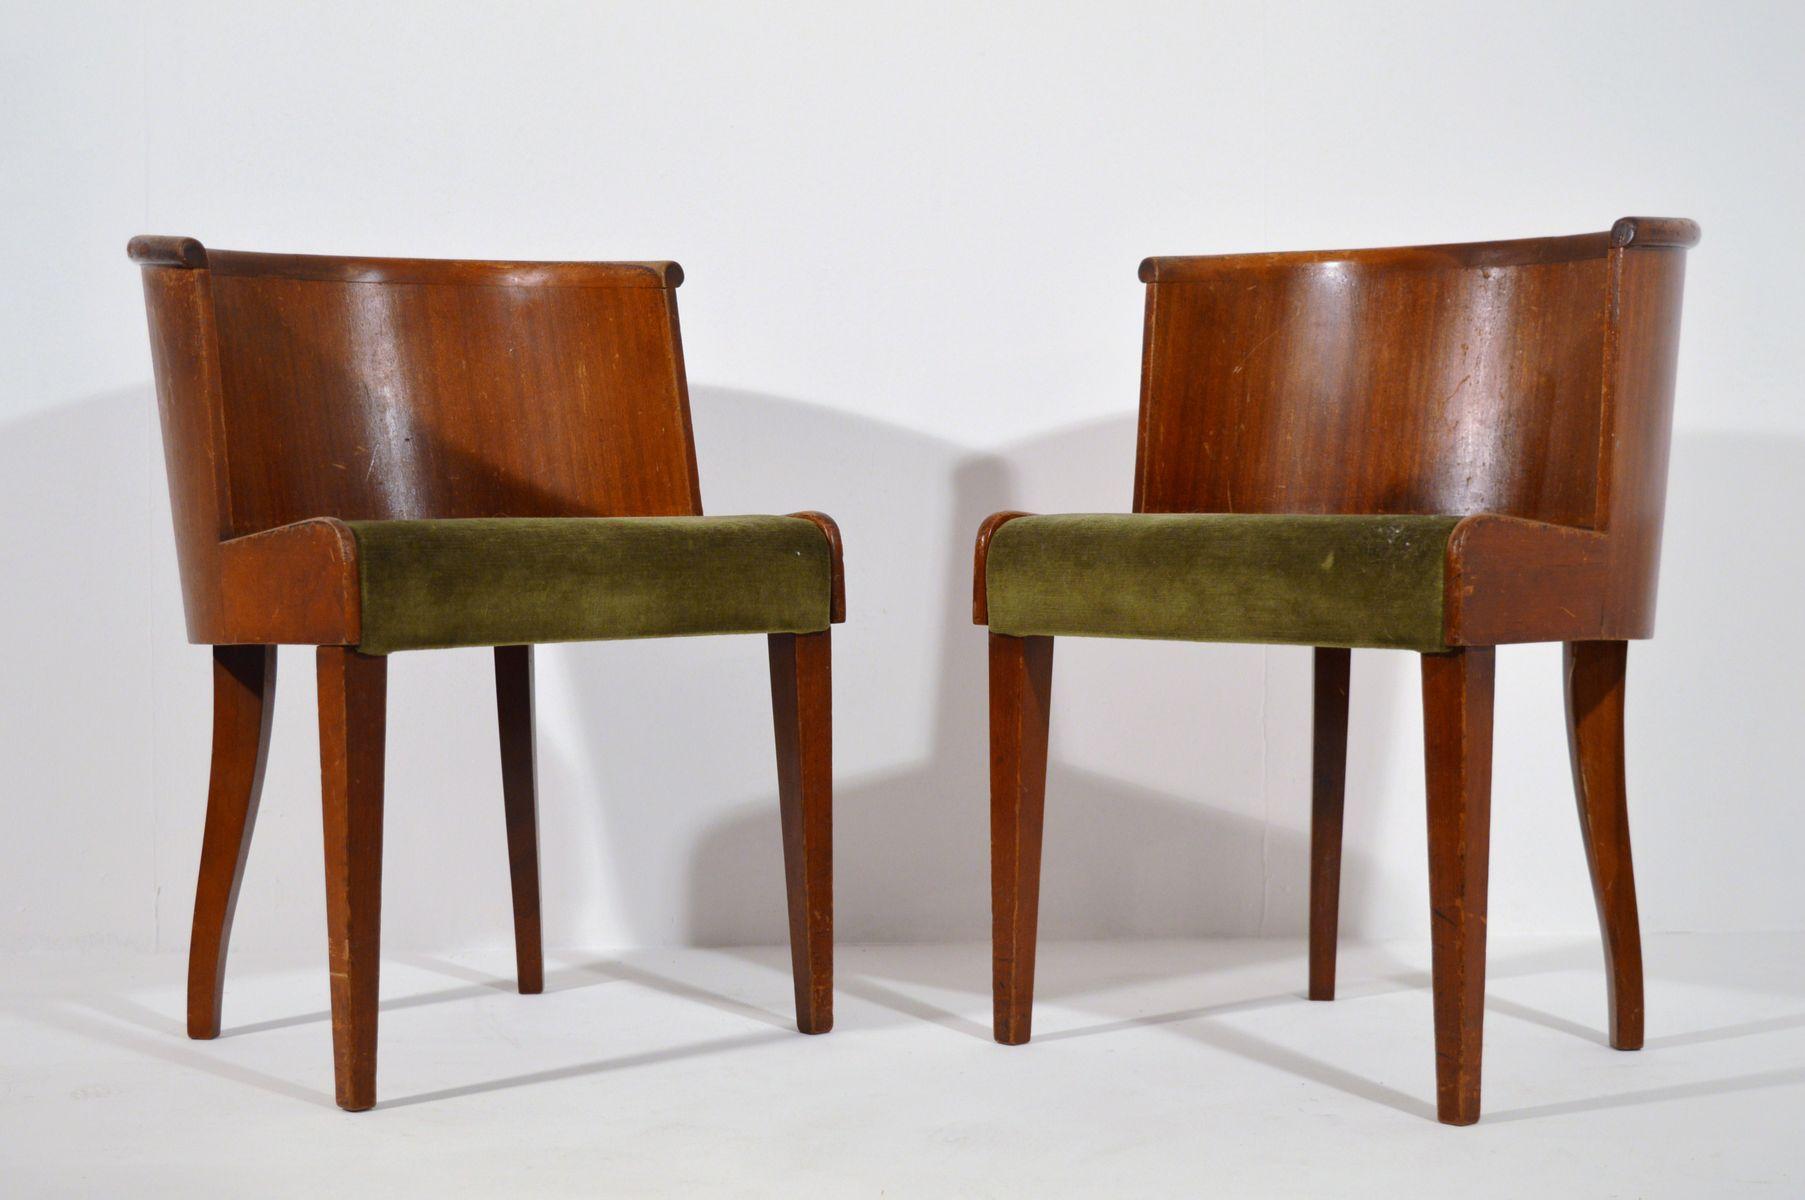 schreibtischst hle von decoene 2er set. Black Bedroom Furniture Sets. Home Design Ideas